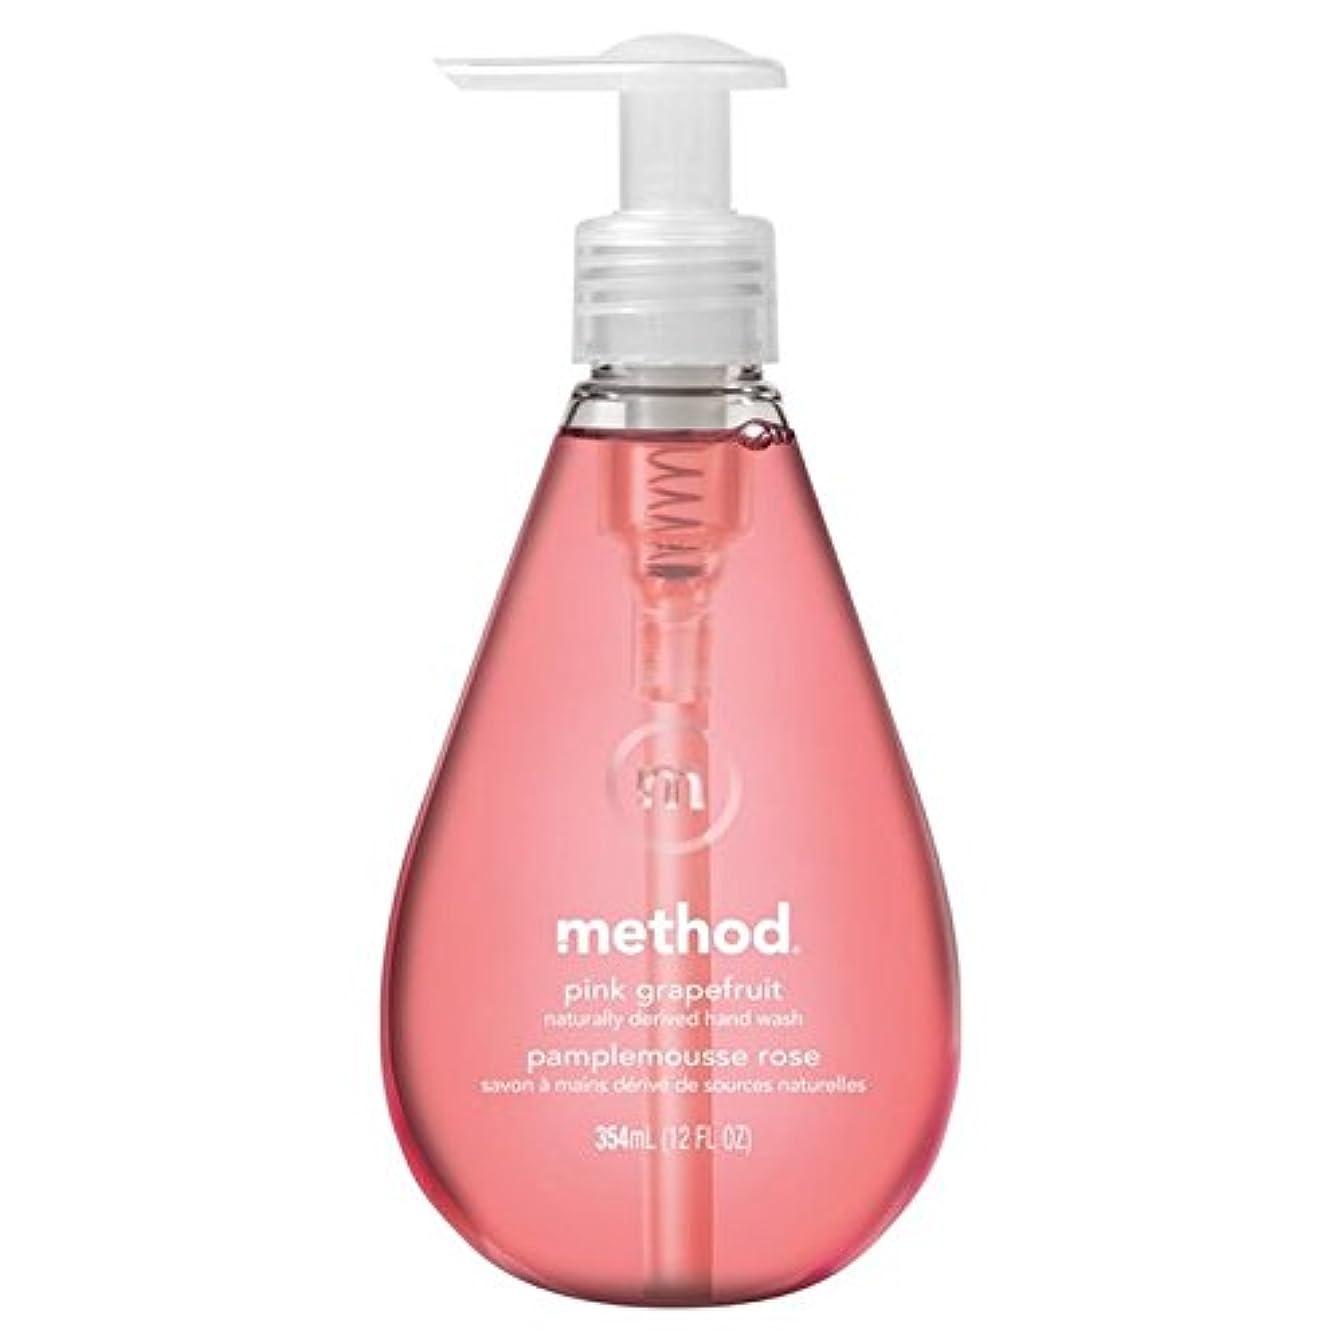 資格情報ポルトガル語助手Method Pink Grapefruit Handsoap 354ml - メソッドピンクグレープフルーツの354ミリリットル [並行輸入品]